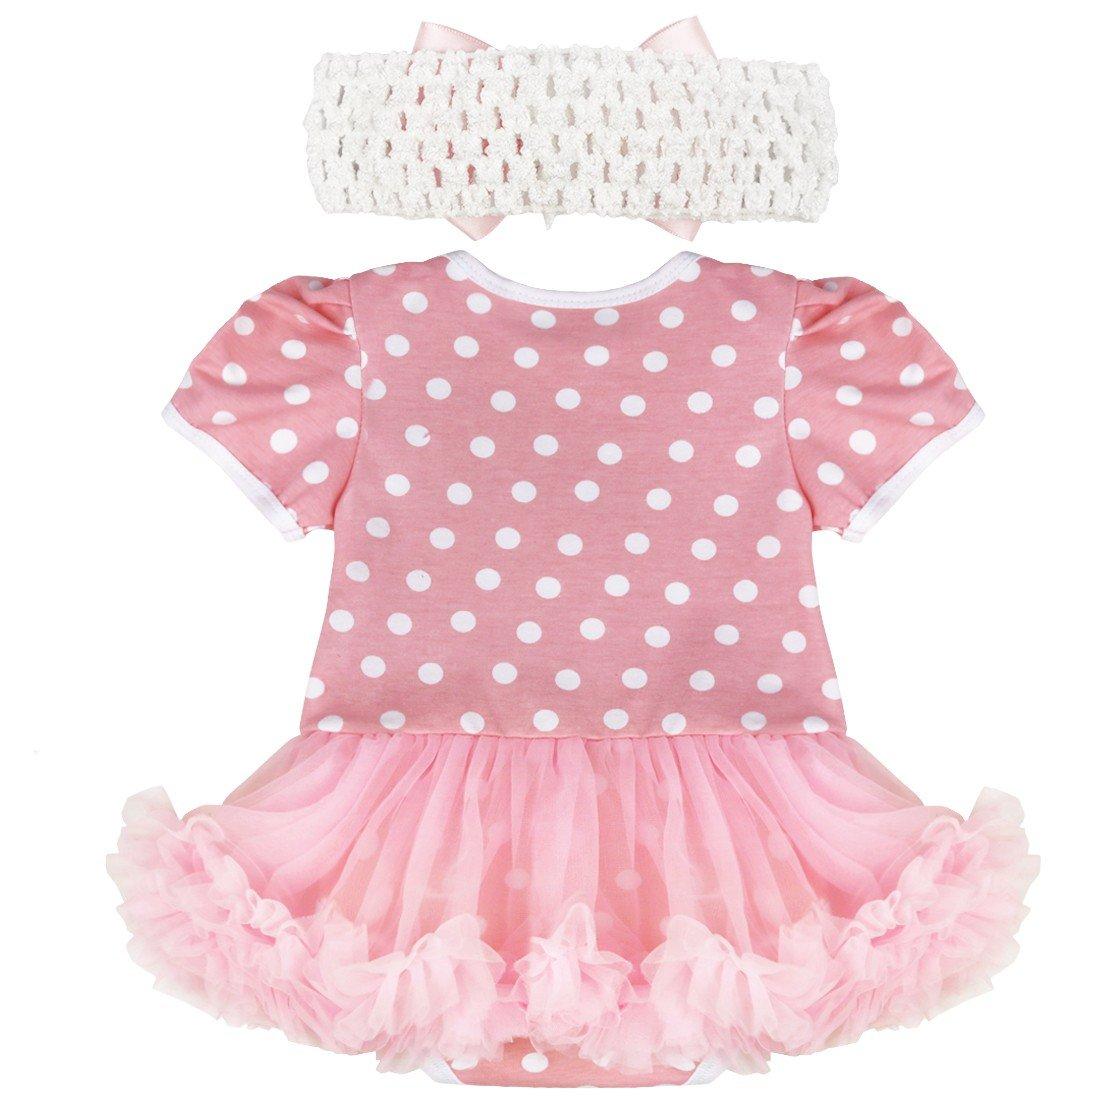 iEFiEL Baby-M/ädchen Kleidung Set Strampler Overall T/üt/ü Kleid Bekleidungsset mit Kopfband